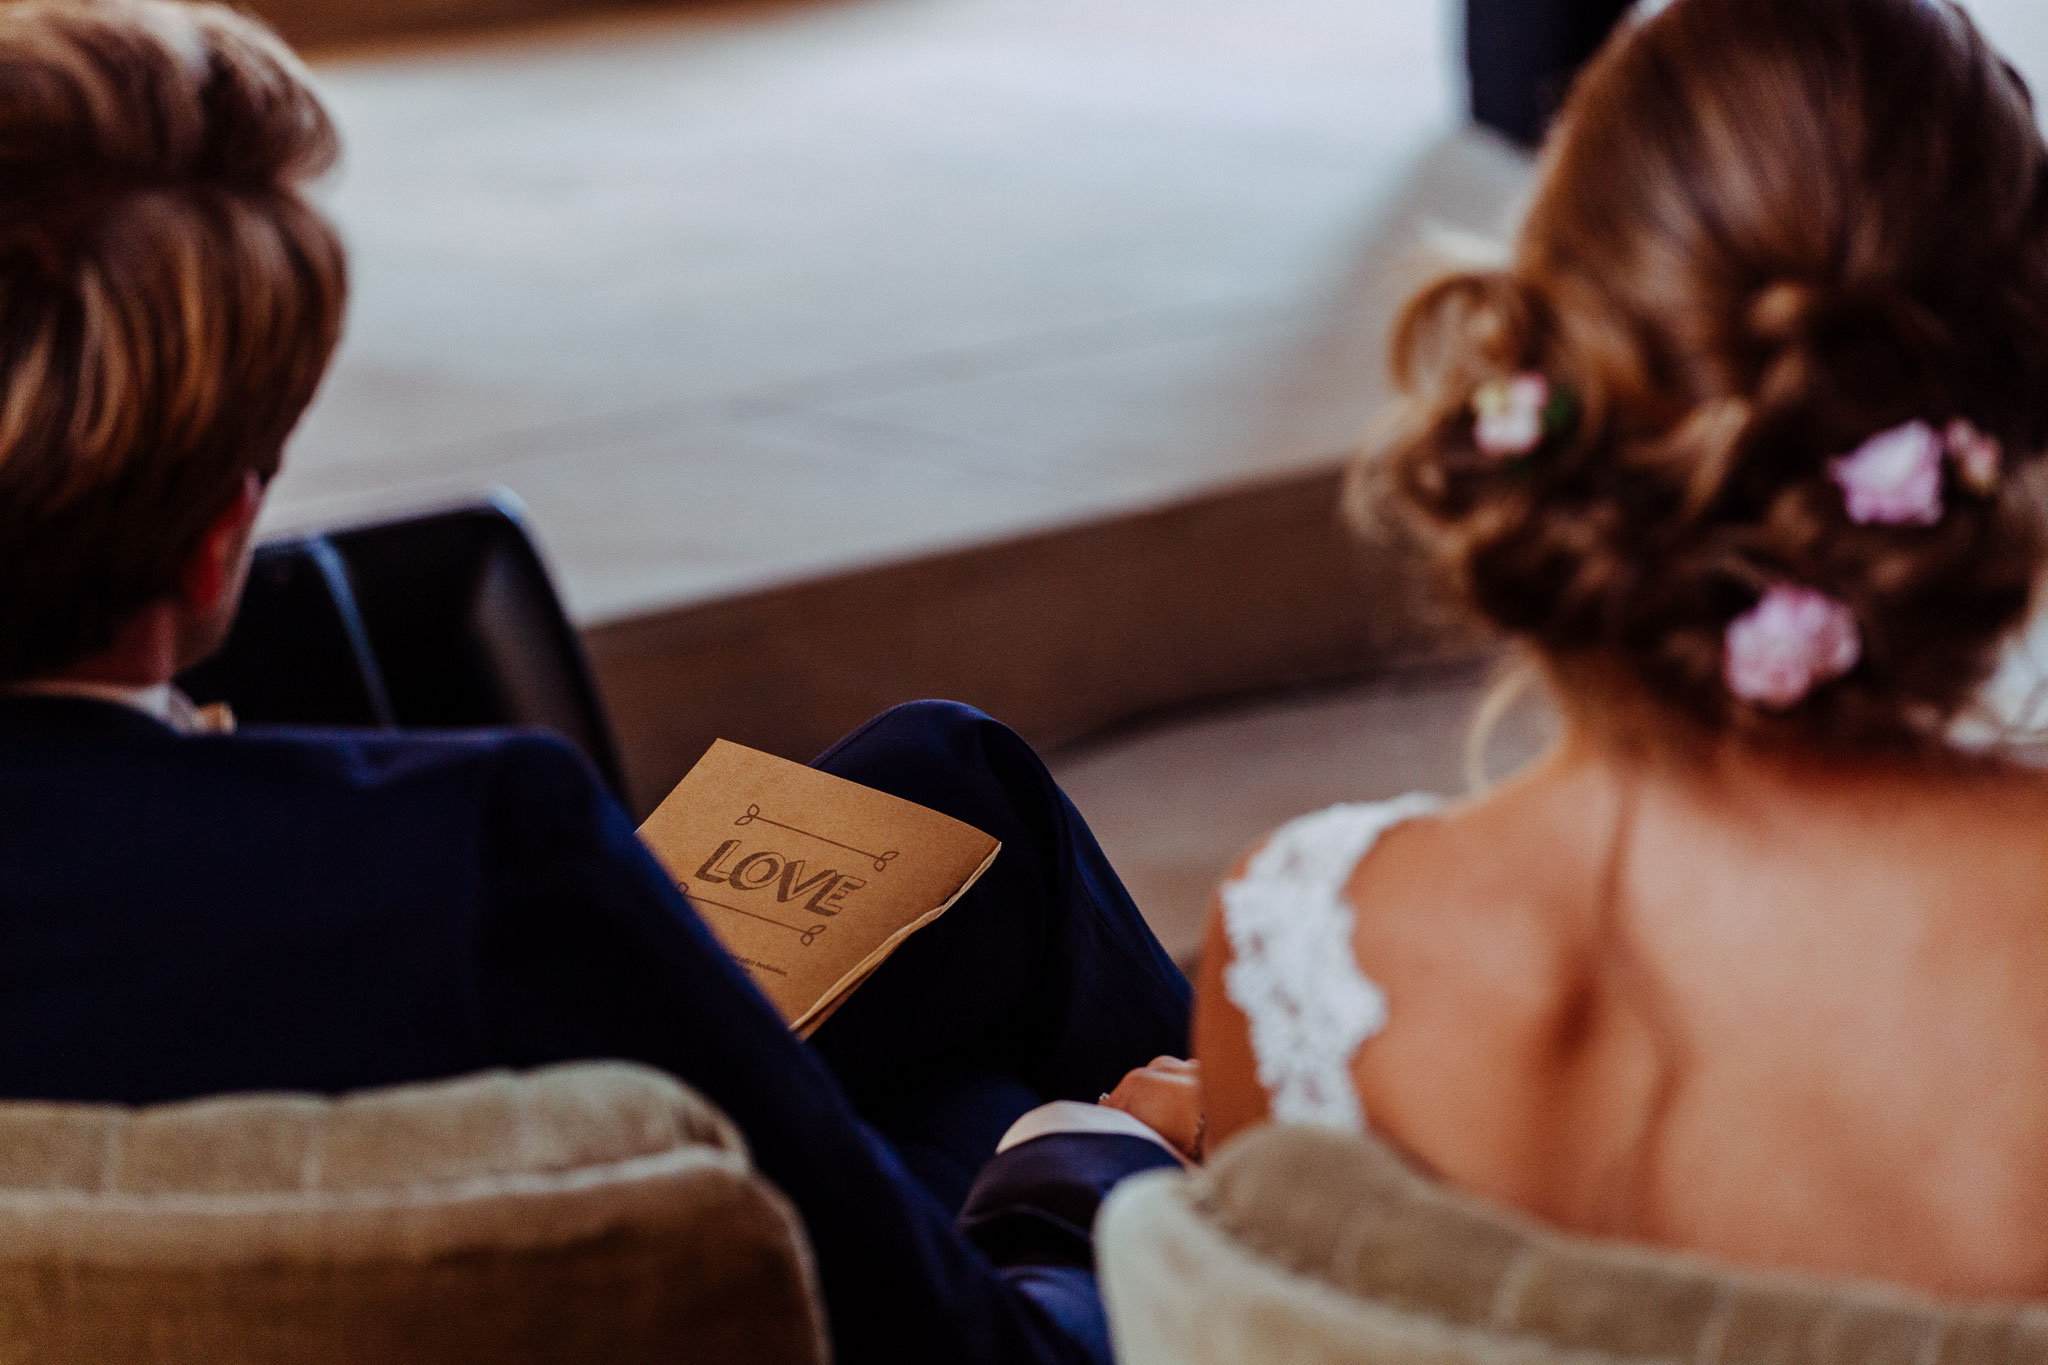 Love | kirchliche Trauung | Hochzeitsfotograf Rebecca Adloff | Ruhrgebiet, Essen, Münster, NRW, Düsseldorf, Köln, Bochum | Hochzeitsreportage | Hochzeitsfotos